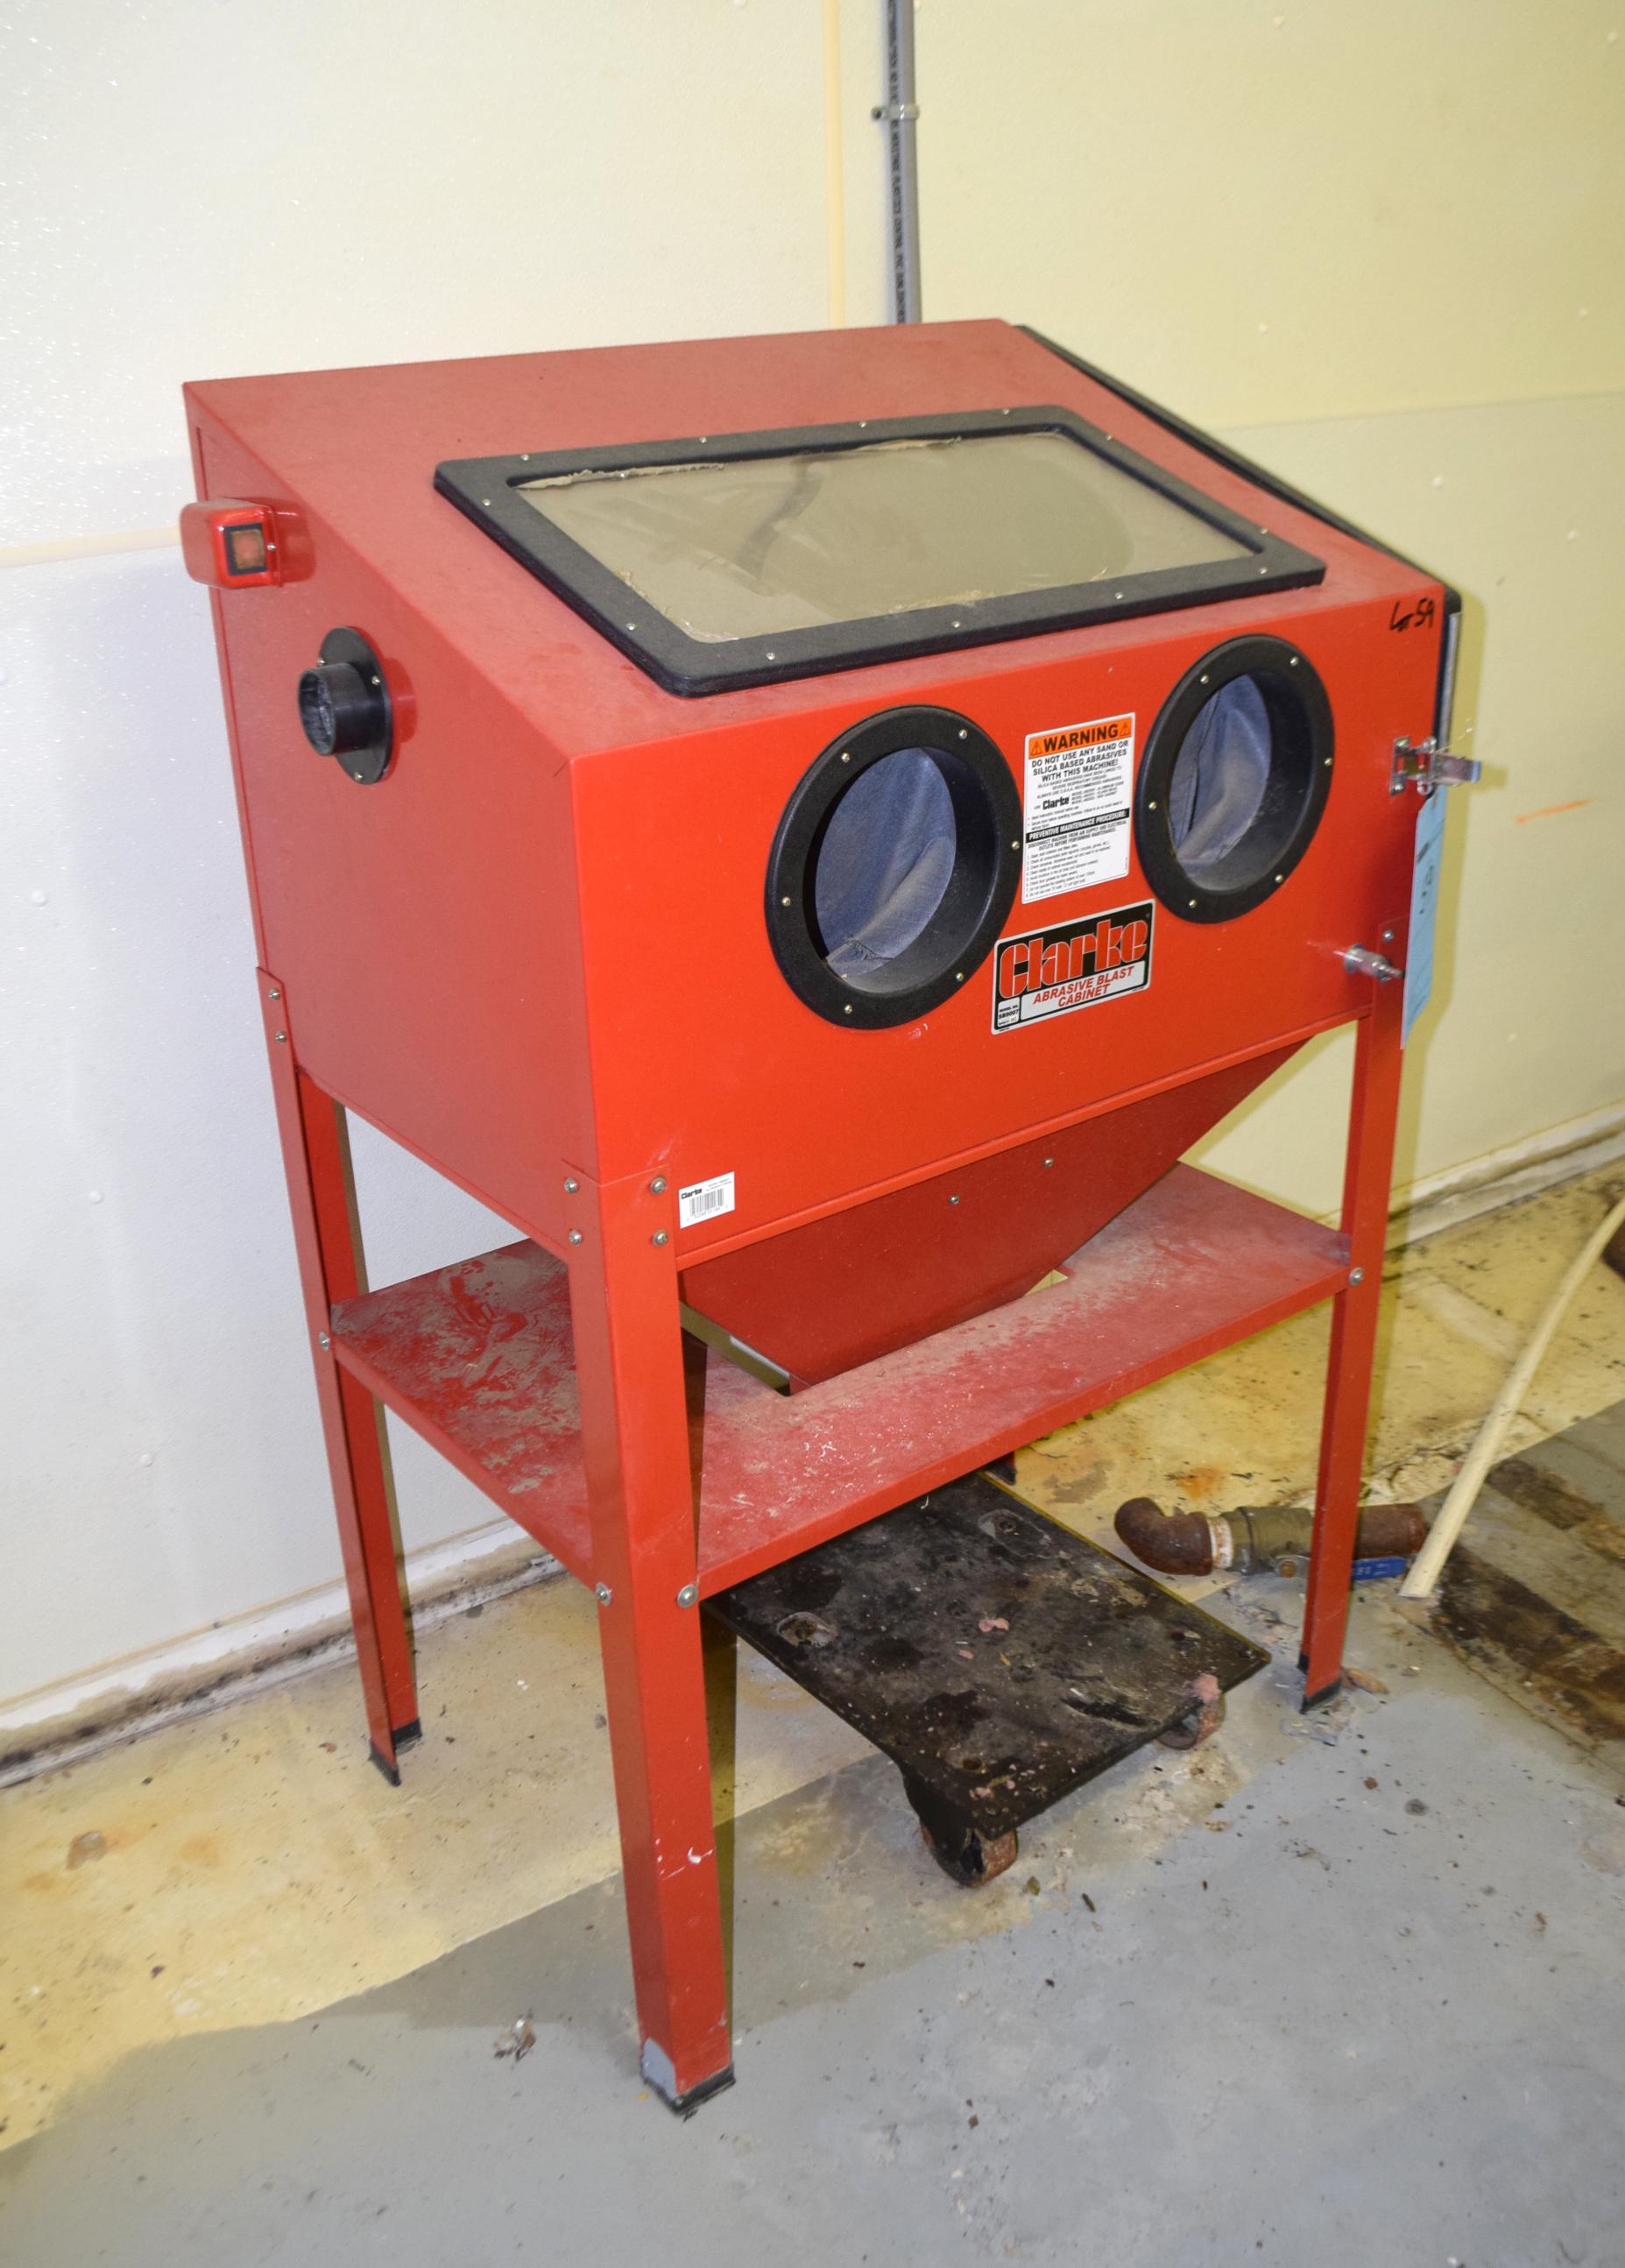 Previous  sc 1 st  Bidspotter.com & Clarke Abrasive Blast Cabinet Model SB9007 Serial# 52249-01184.